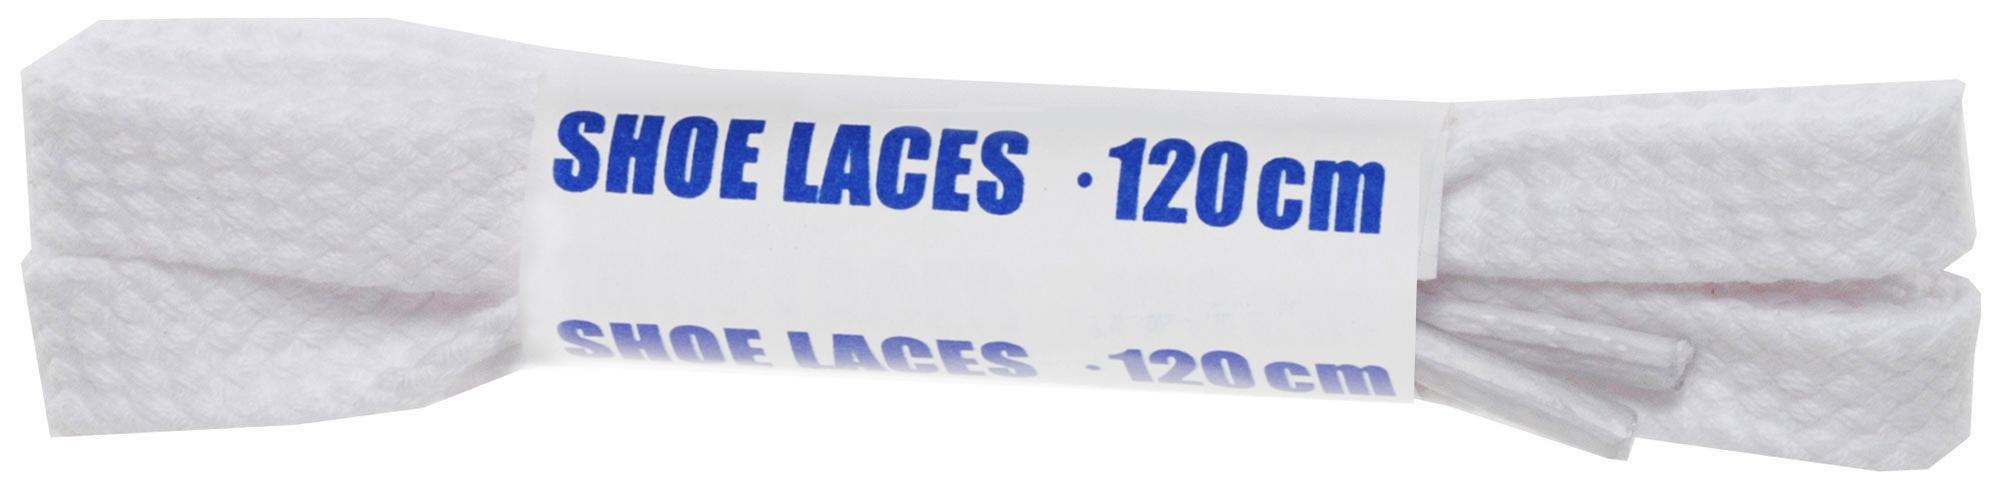 Шнурки белые плоские Woly Sport, 120 см woly шнурки черные плоские woly sport 90 см